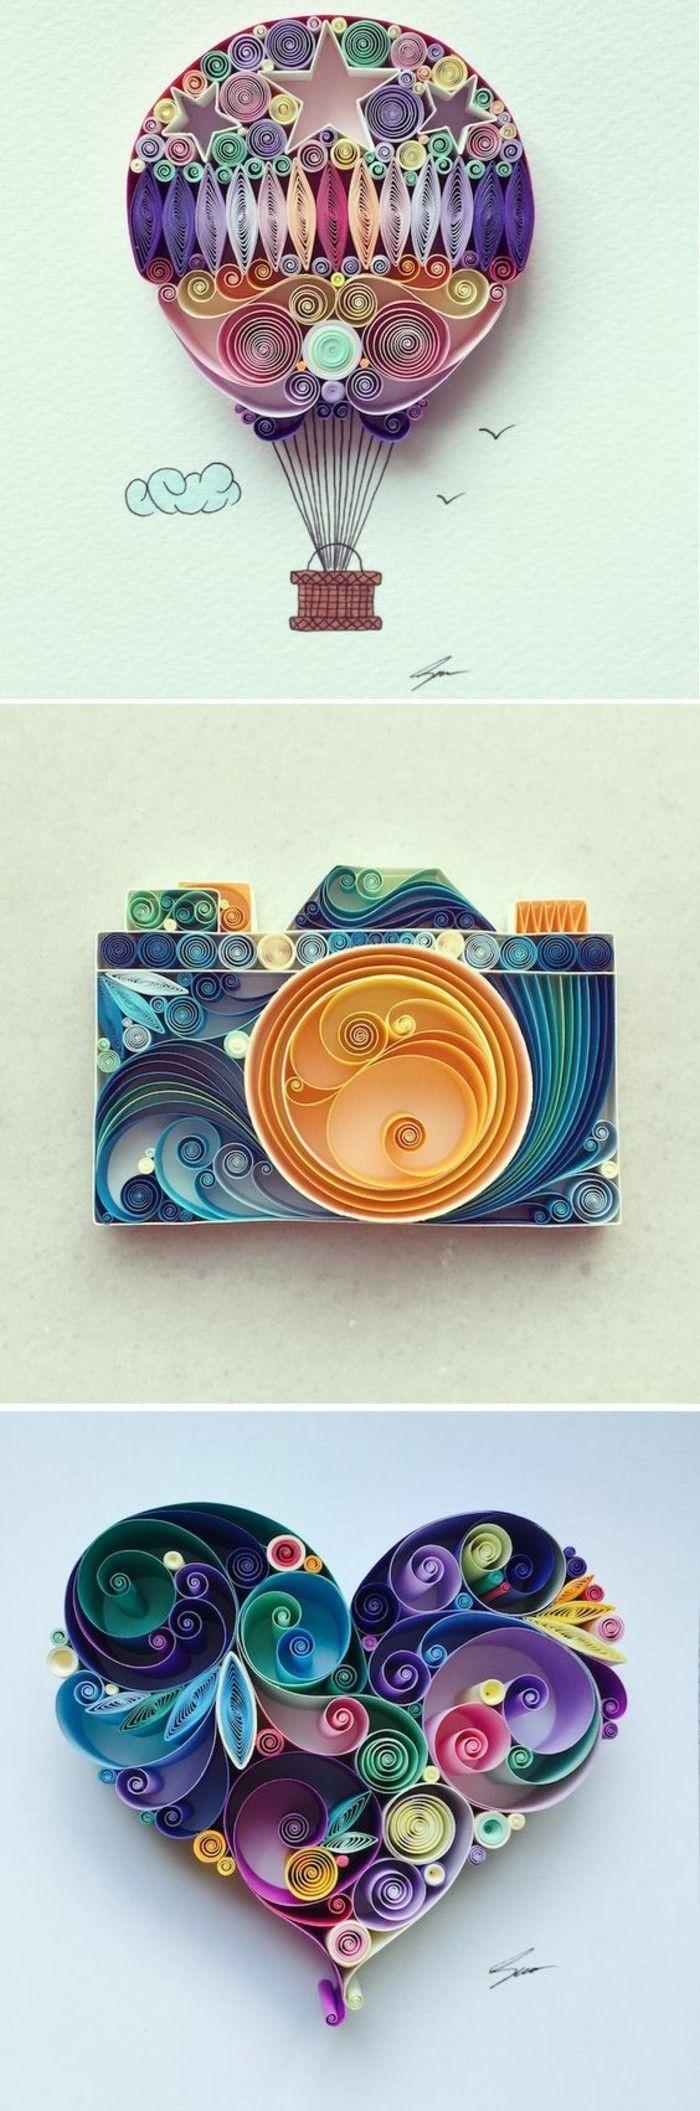 Wanddeko selber machen: 68 tolle Ideen für Ihr Zuhause | Quilling ...